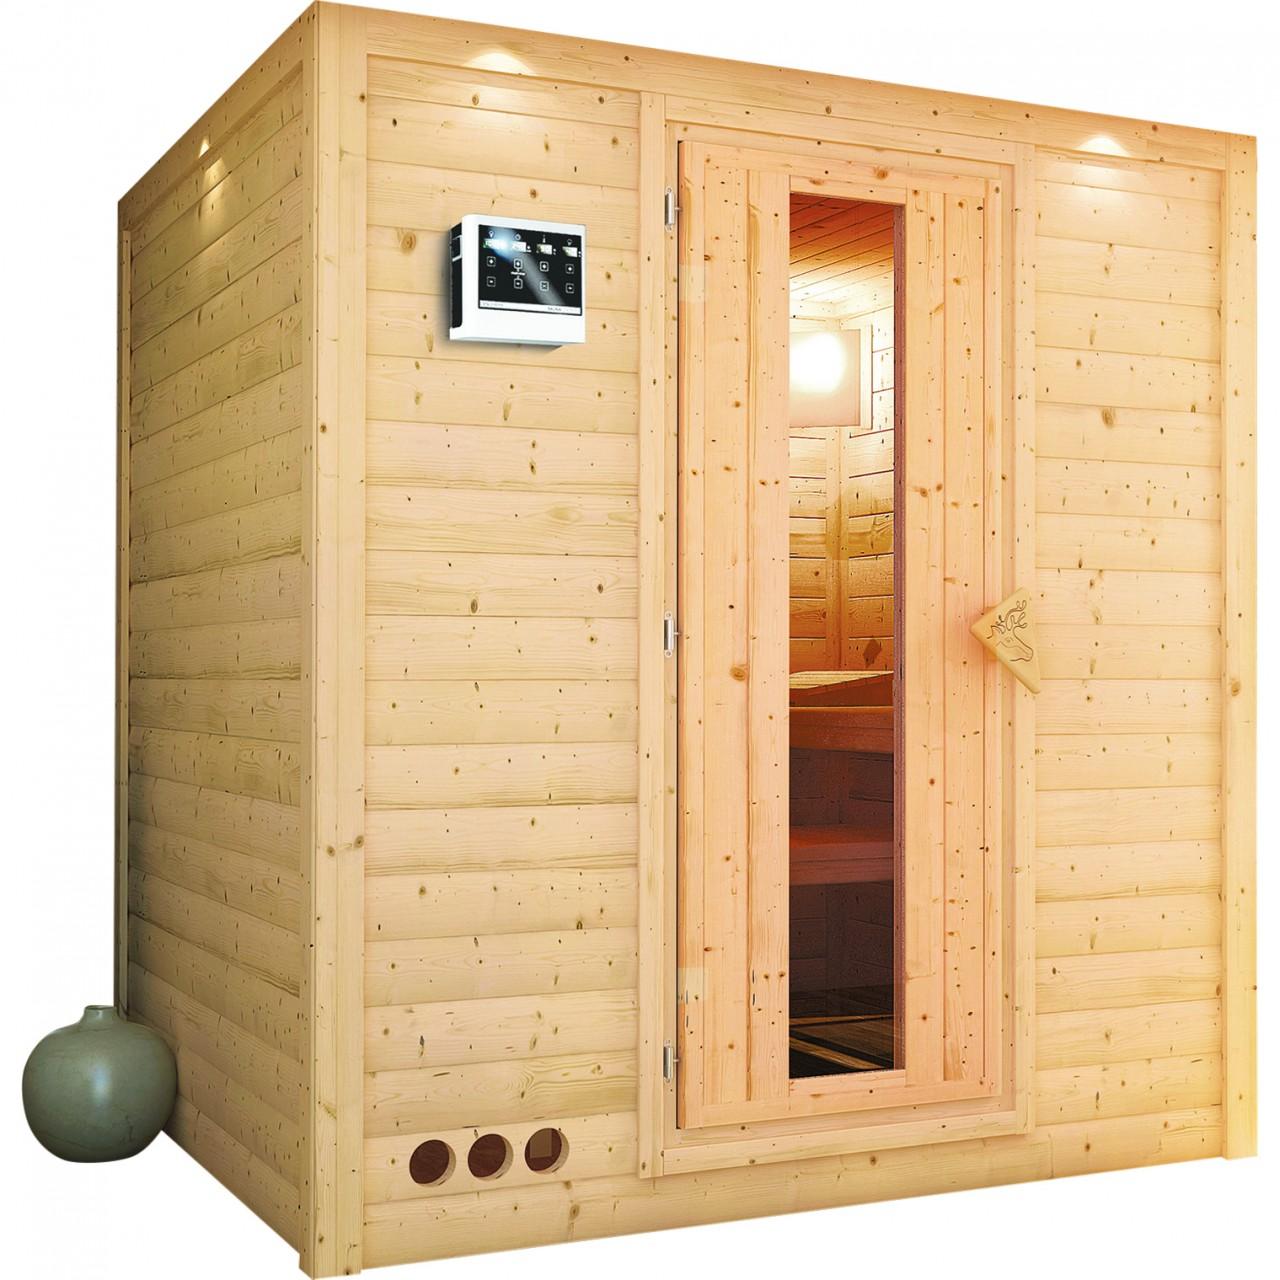 Sauna MOJAVE 1,93 x 1,84 m ohne Ofen mit Dachkranz Ganzglastür s bei Demmelhuber Holz & Raum